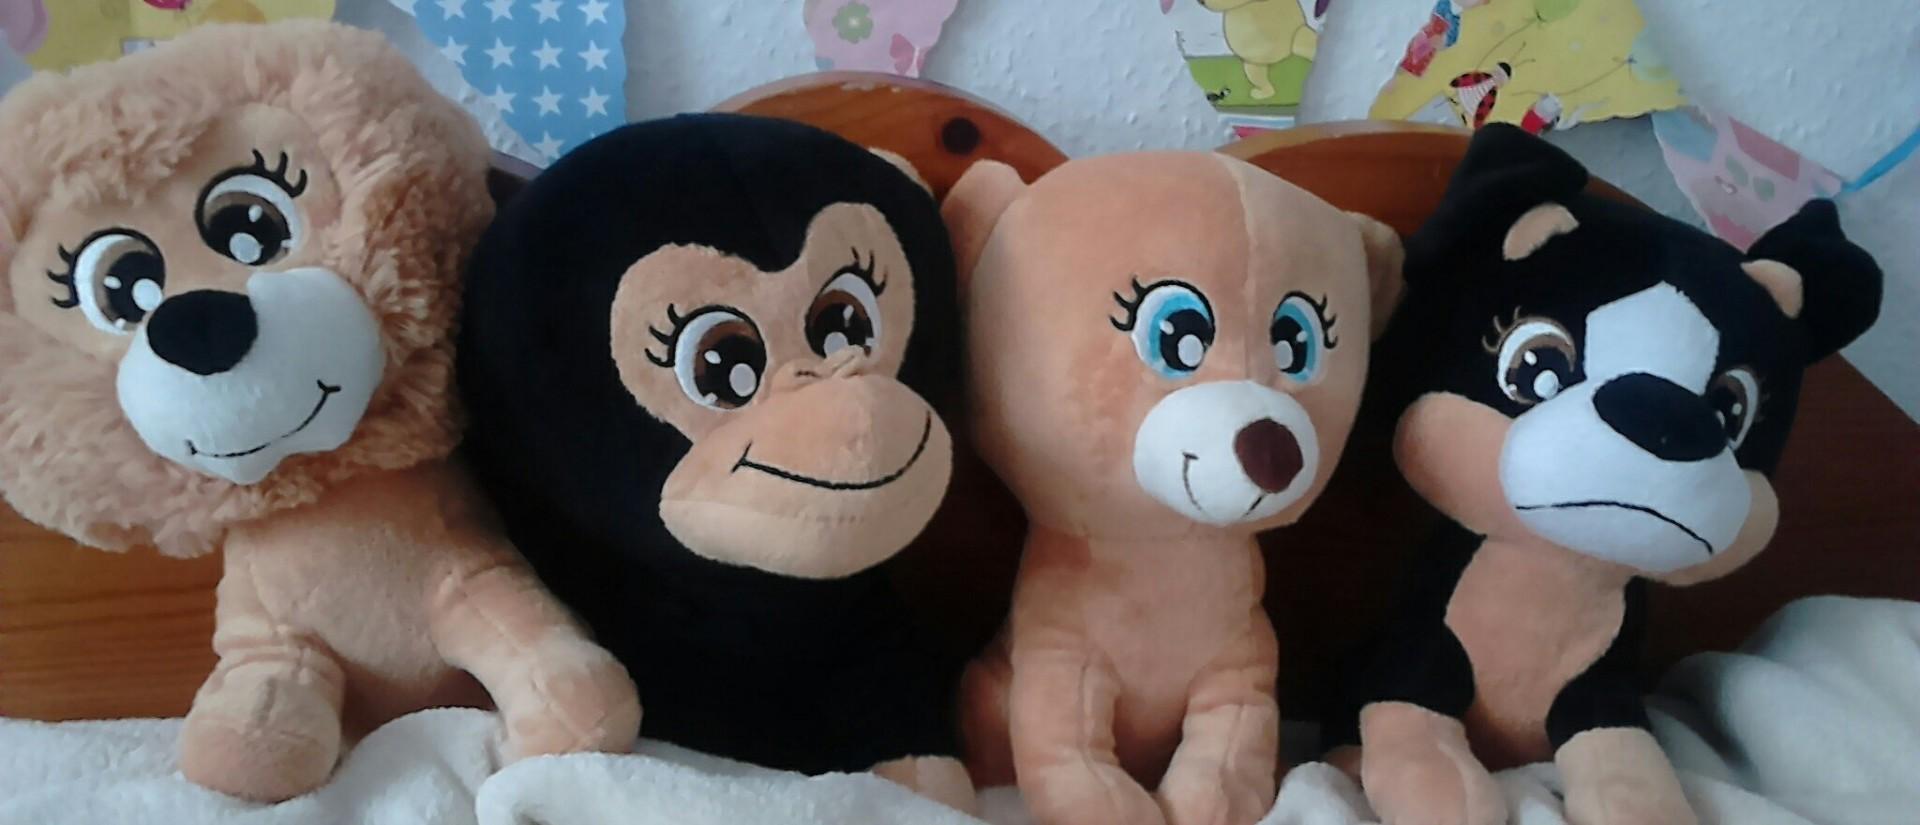 Bären von Mutterkindraum-Büttgen e.V.